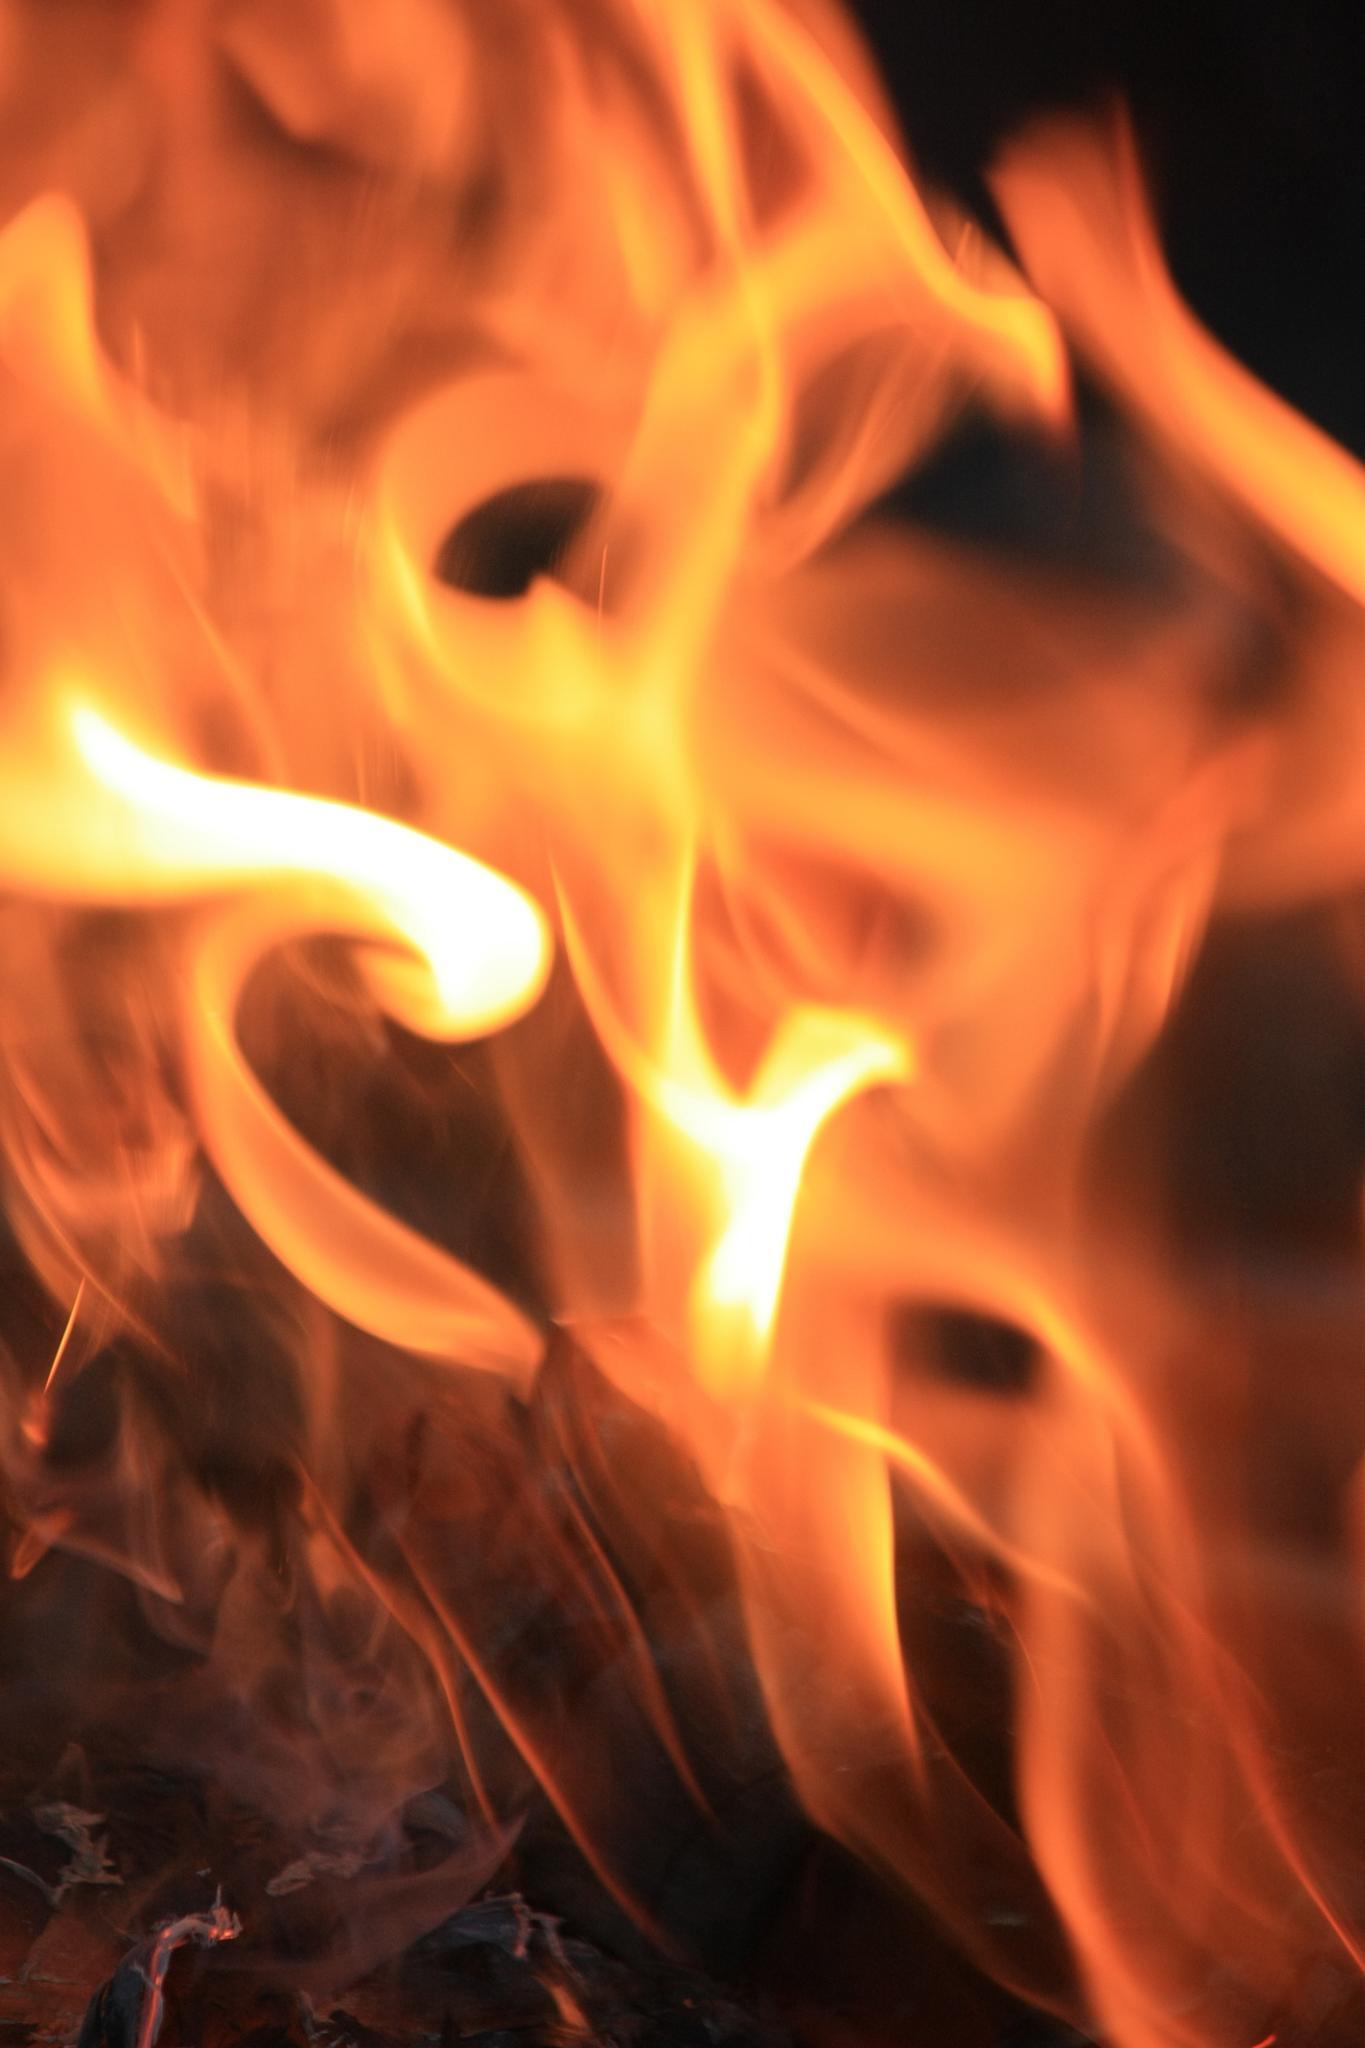 Dancing face in fire by Sophia von Wrangell